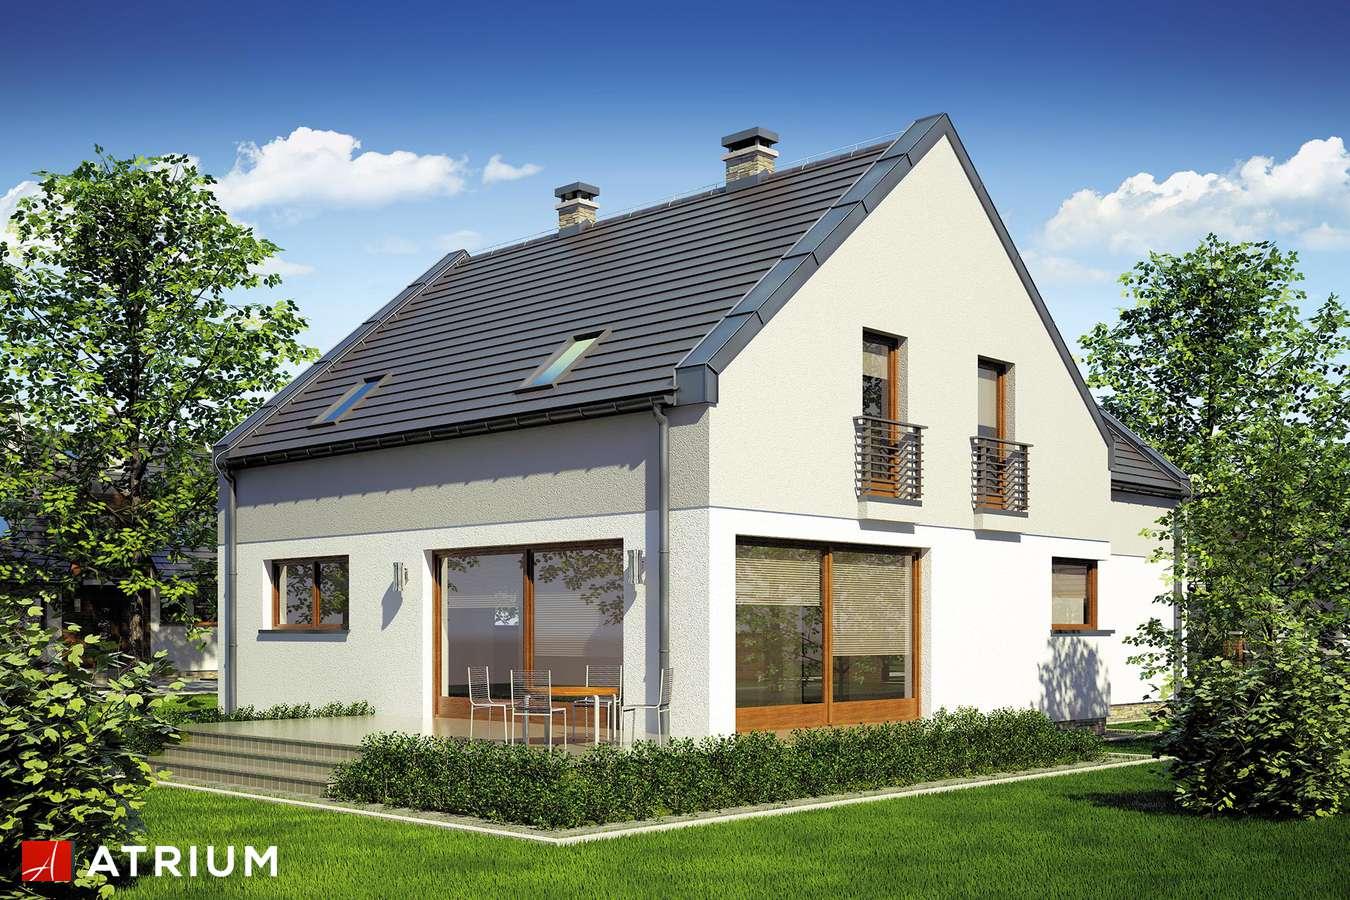 Projekty domów - Projekt domu z poddaszem STELLA II - wizualizacja 2 - wersja lustrzana